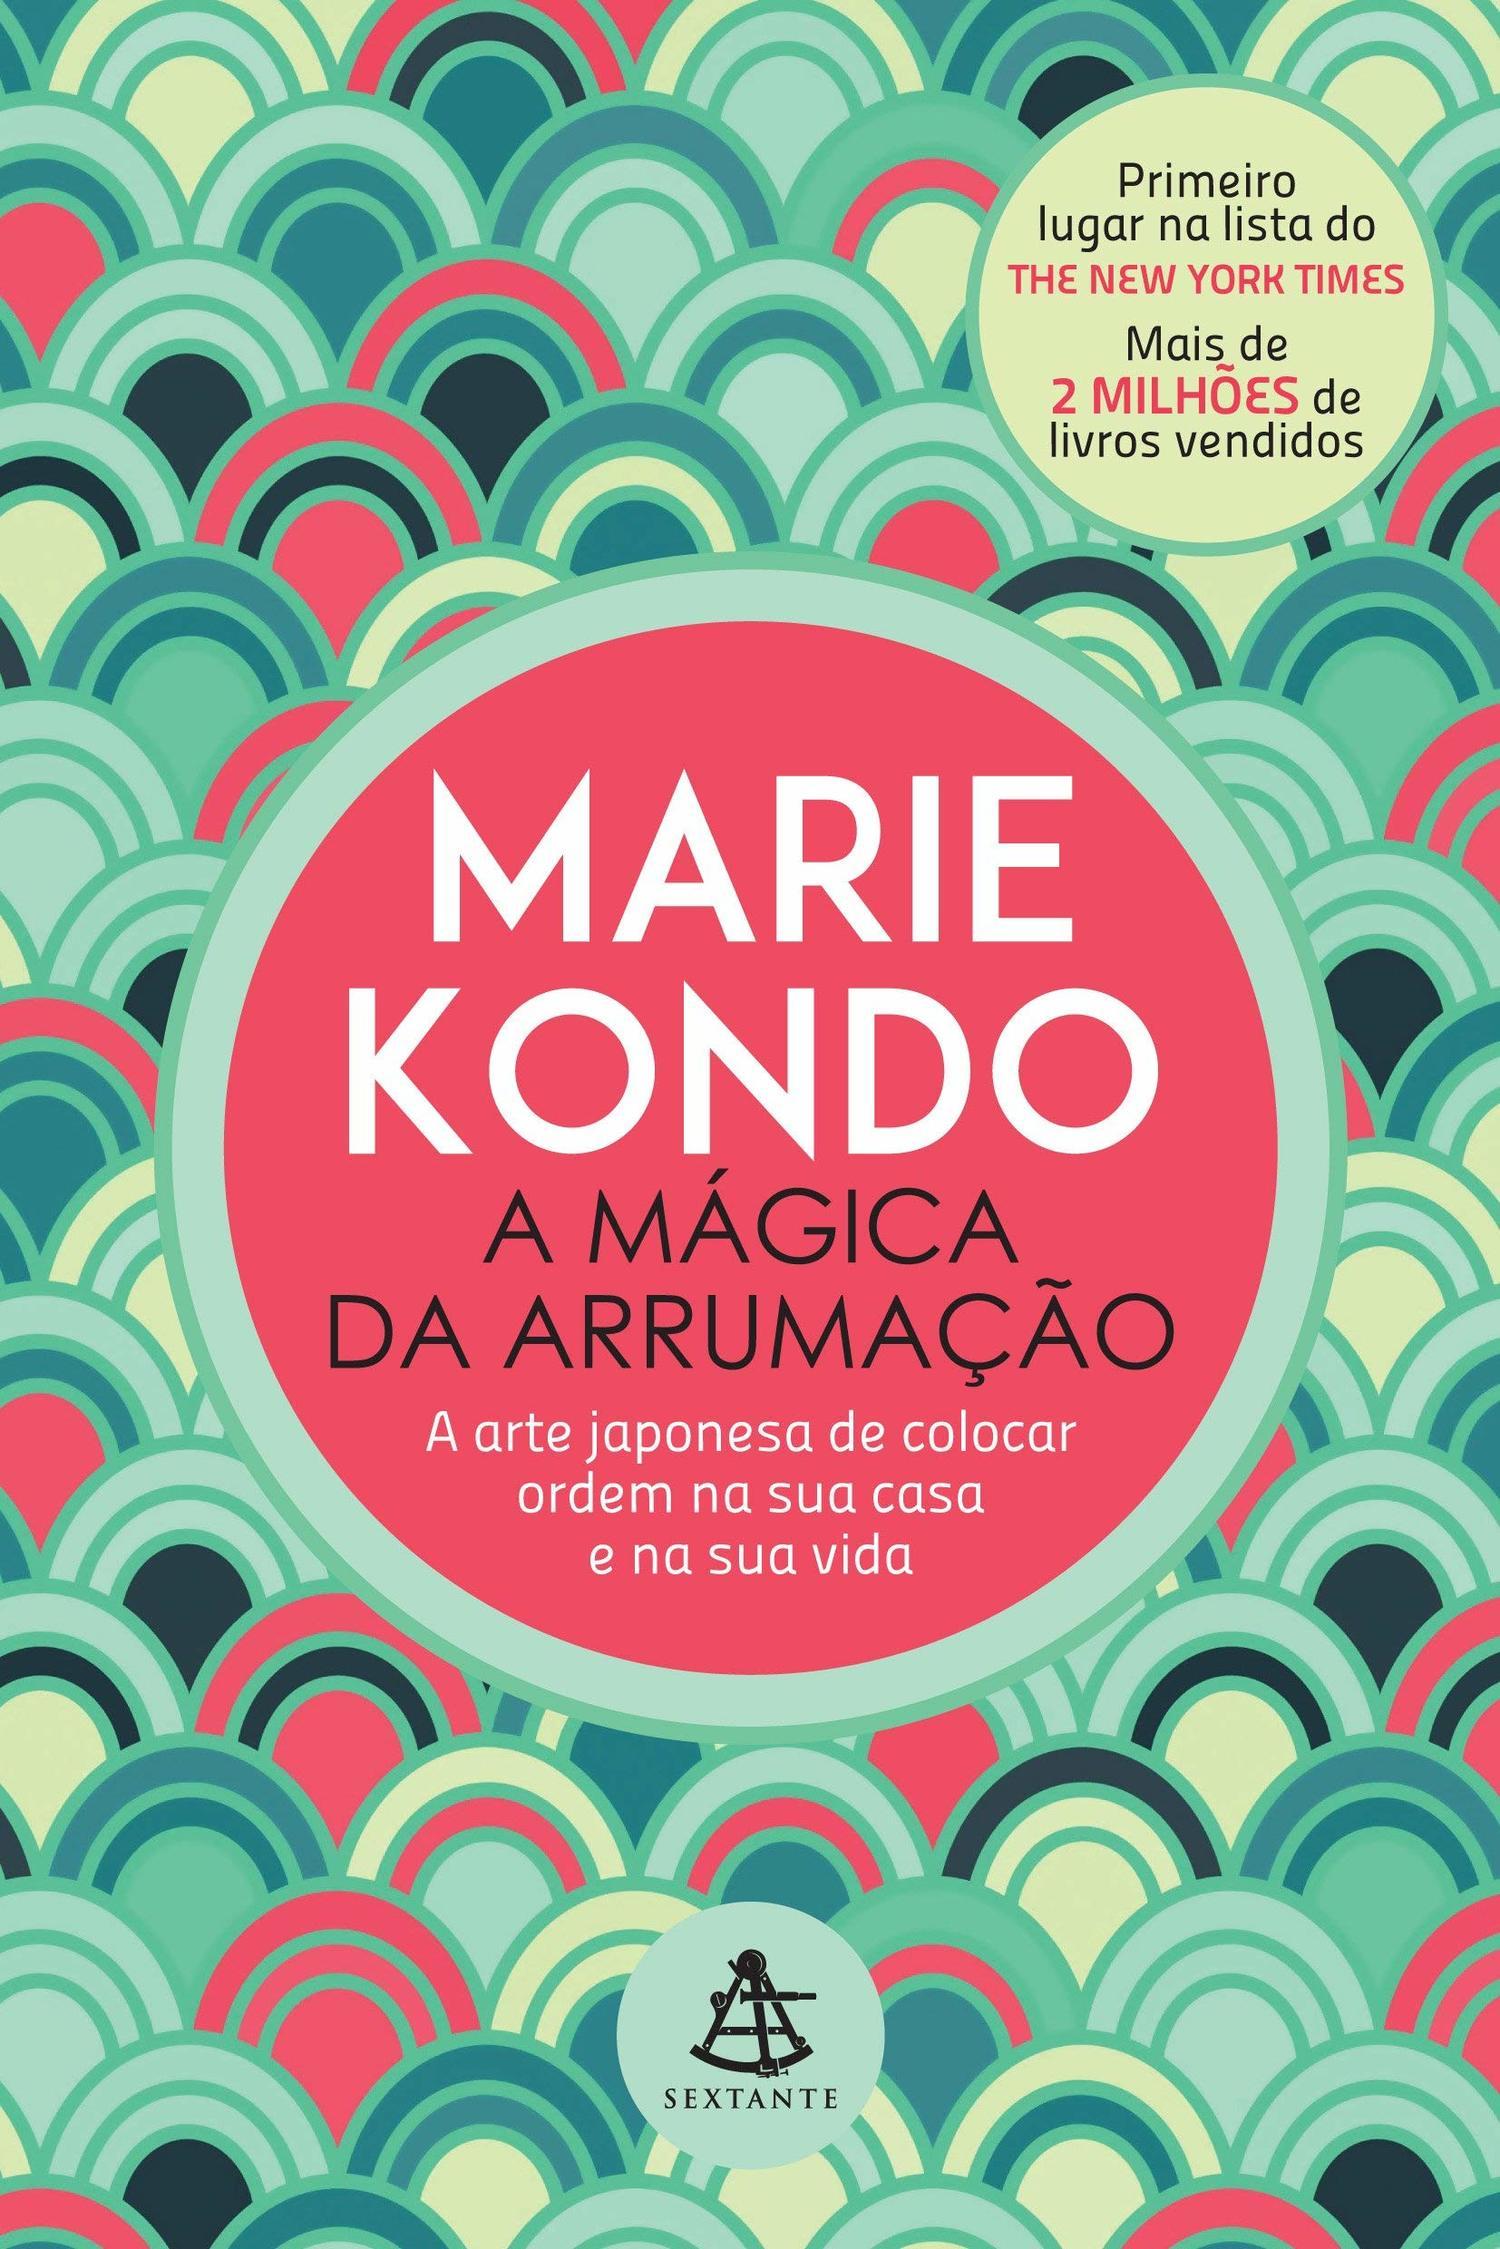 A MAGICA DA ARRUMAÇÃO - MARIE KONDO